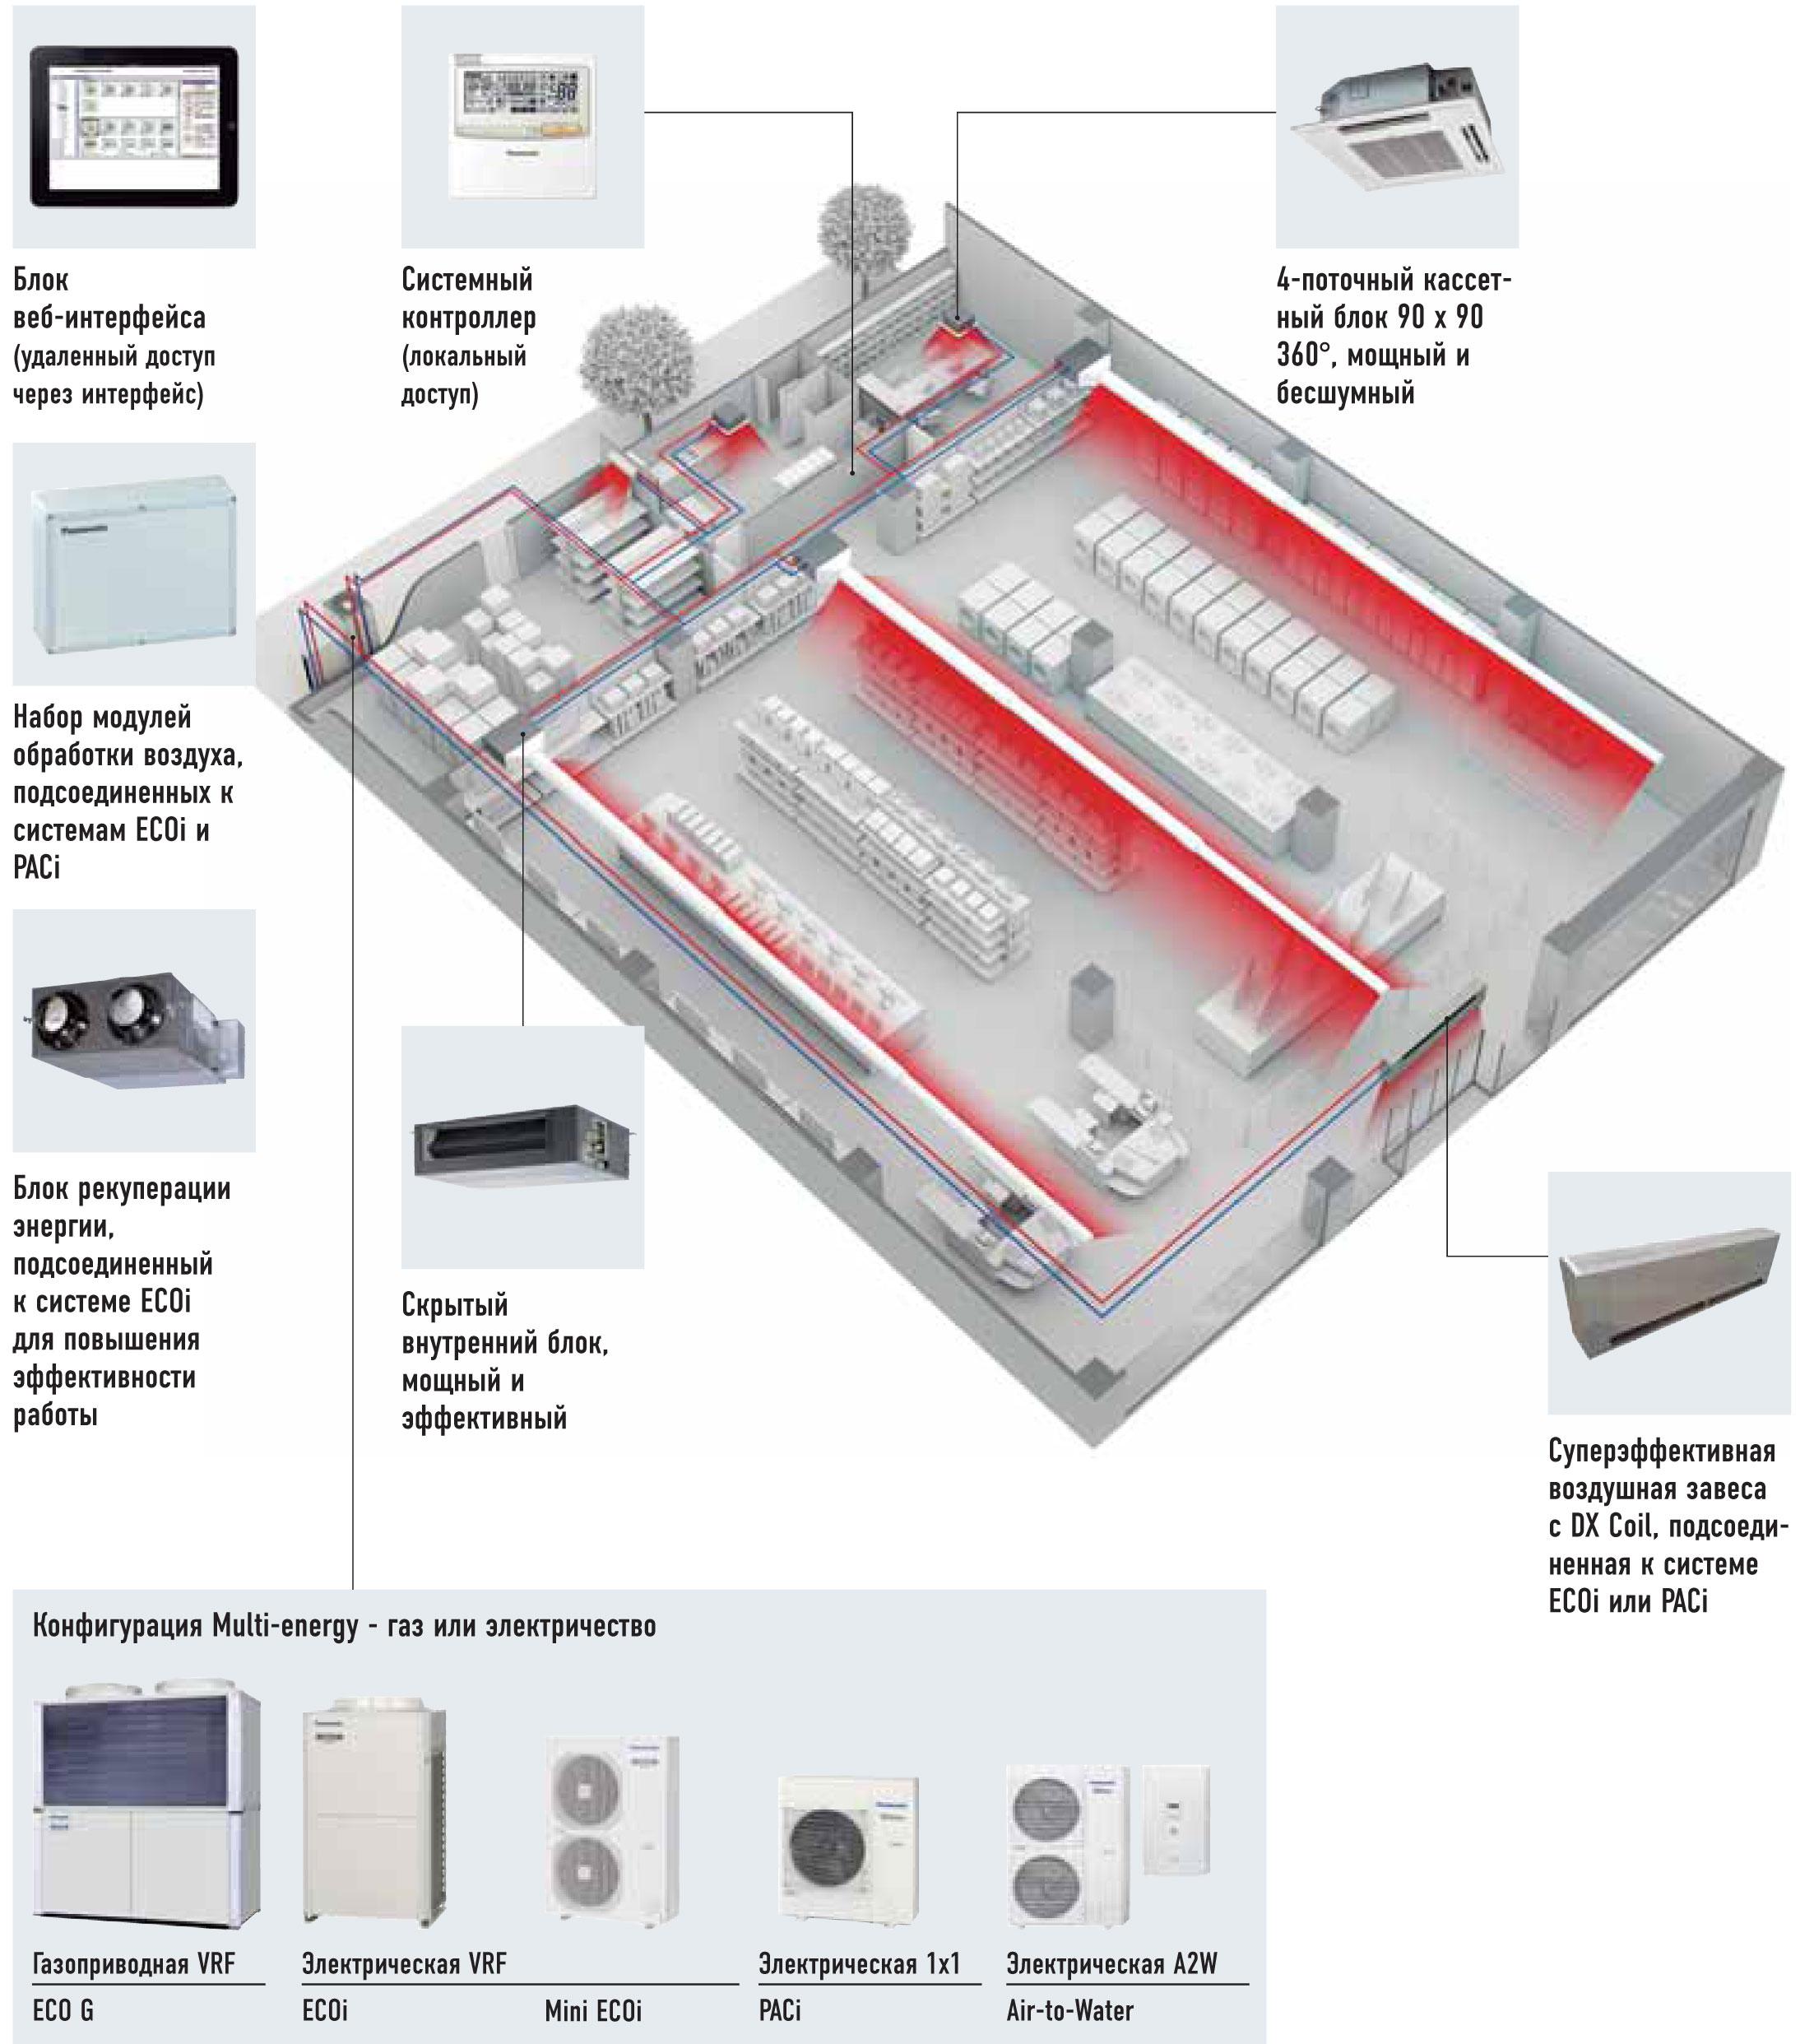 Система Multi-energy Panasonic